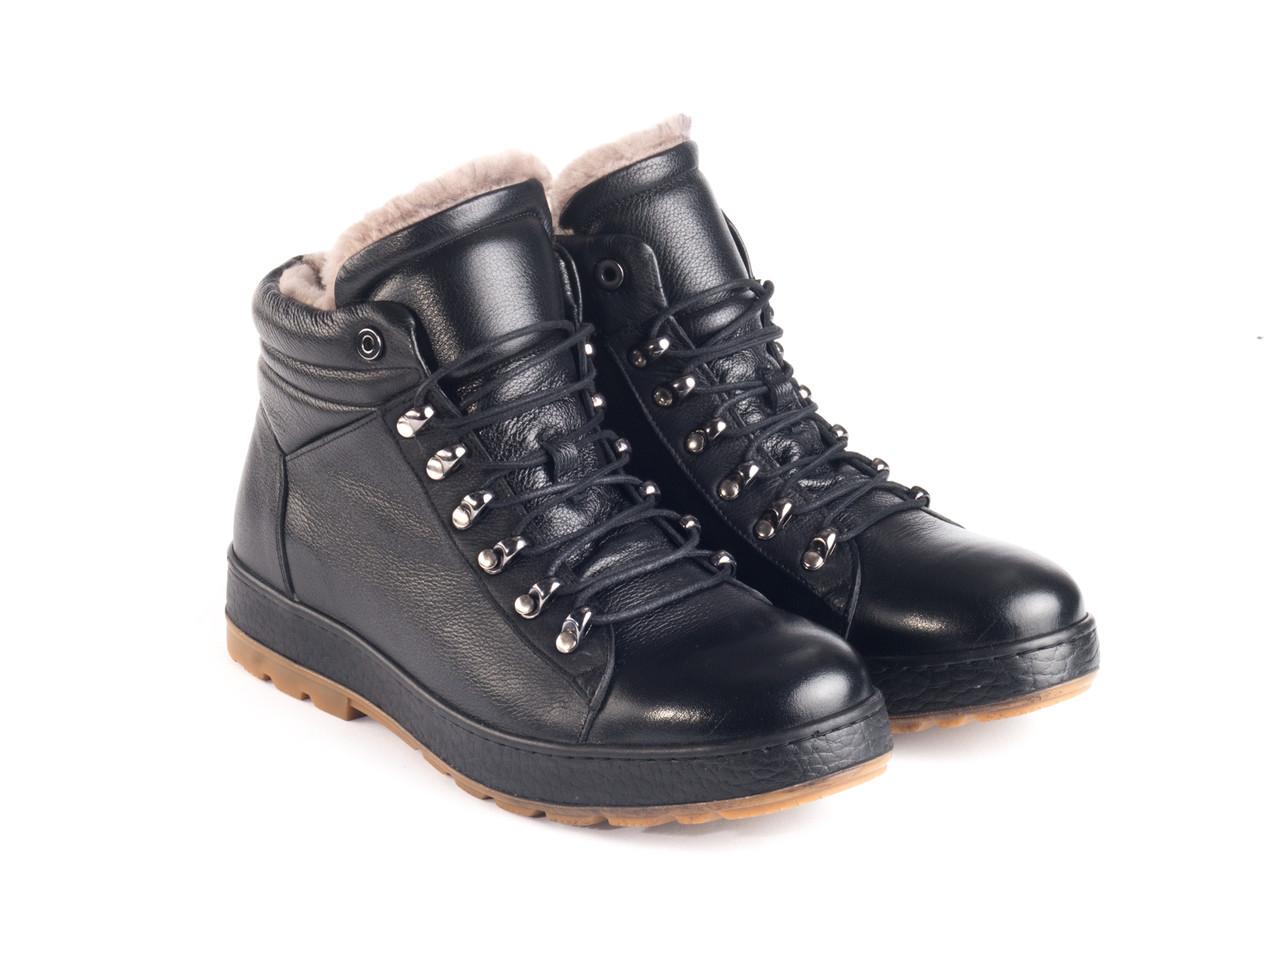 Ботинки Etor 8763-129 черные